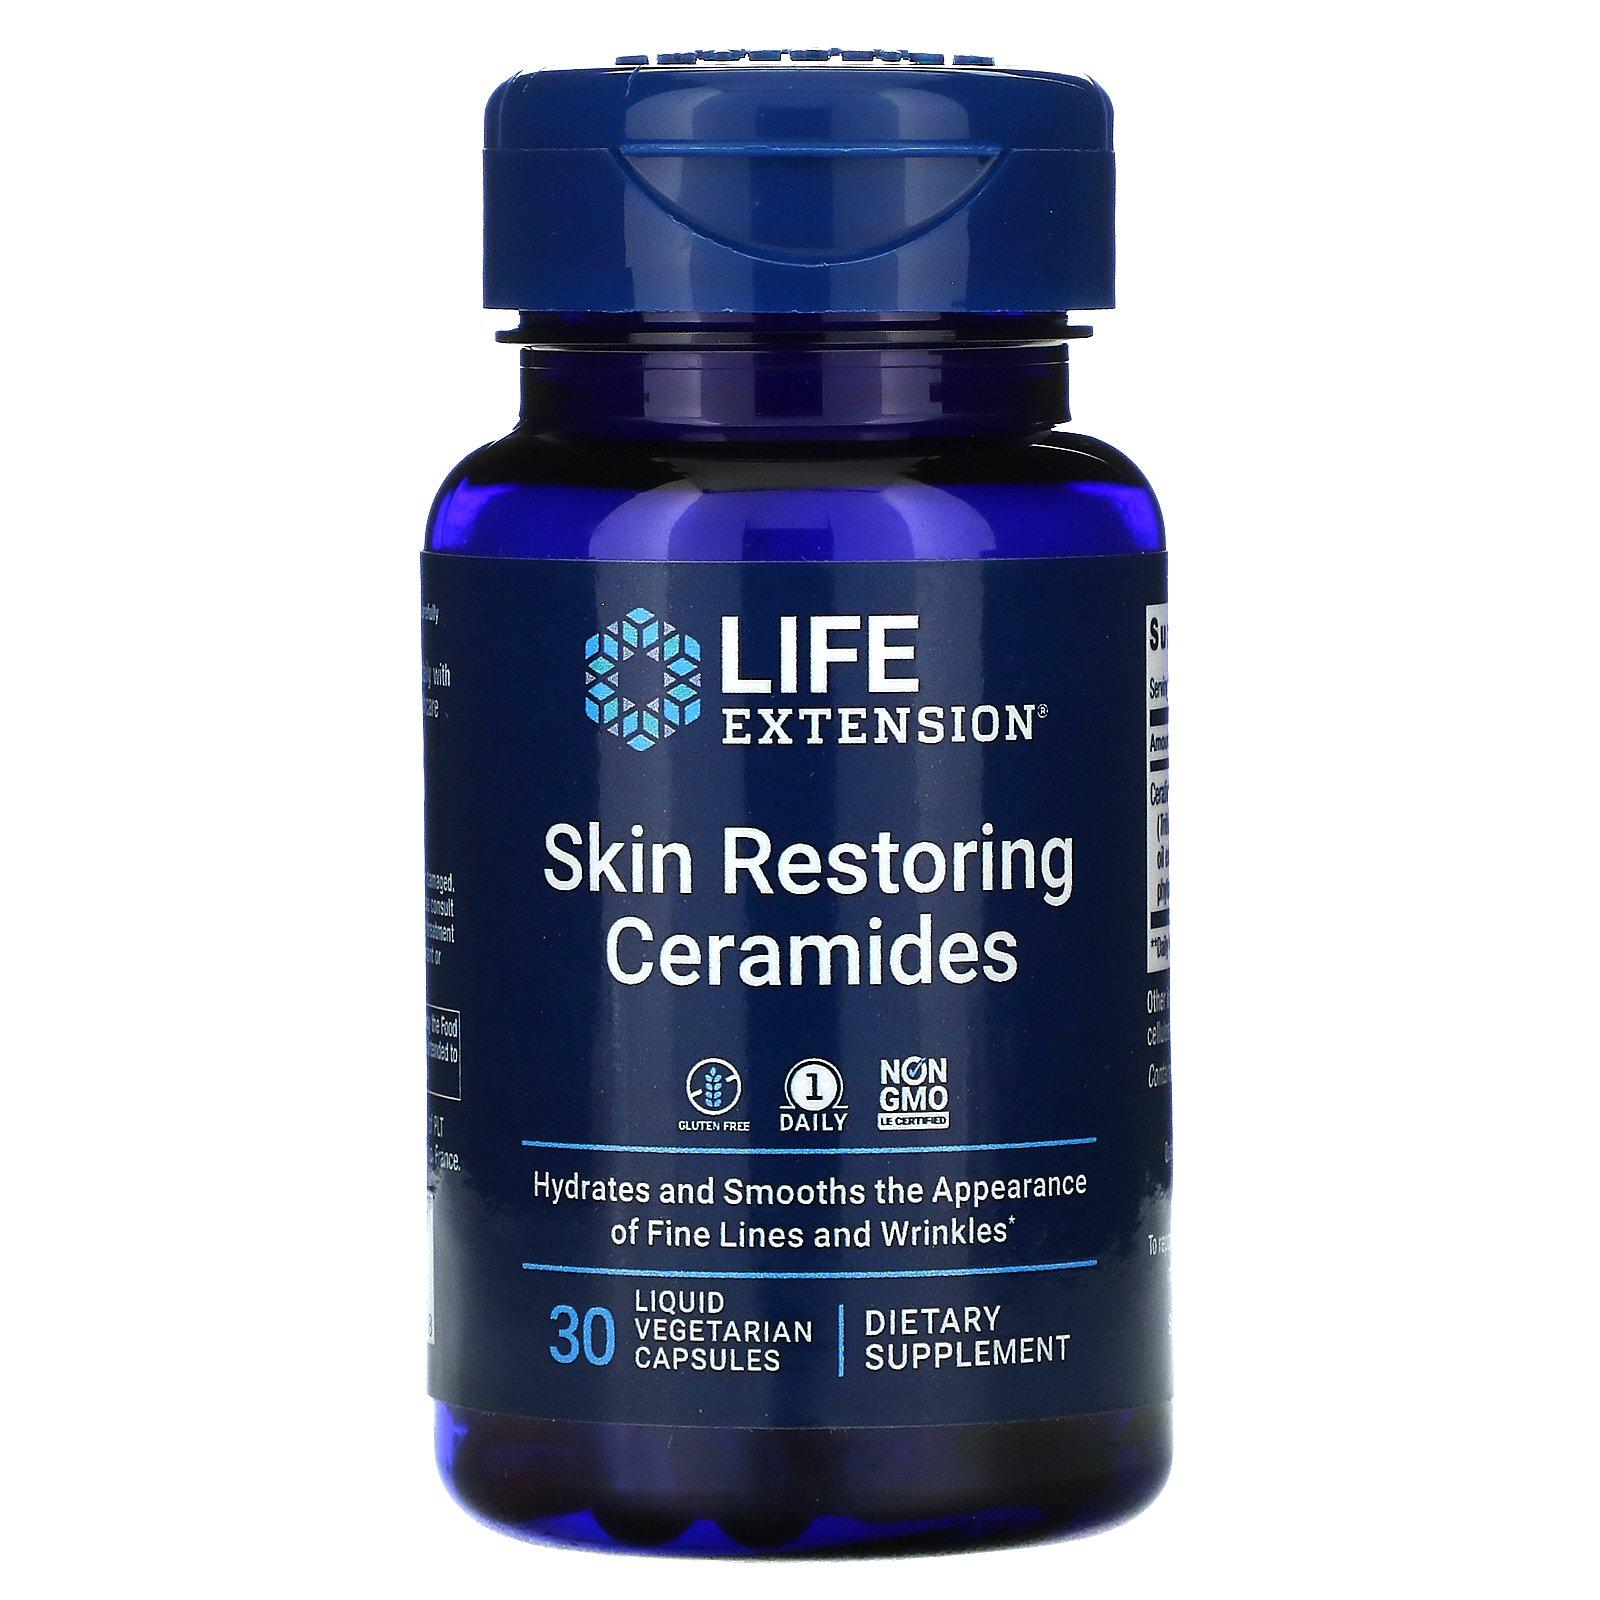 Life Extension, керамиды для восстановления кожи, 30 вегетарианских капсул с жидкостью